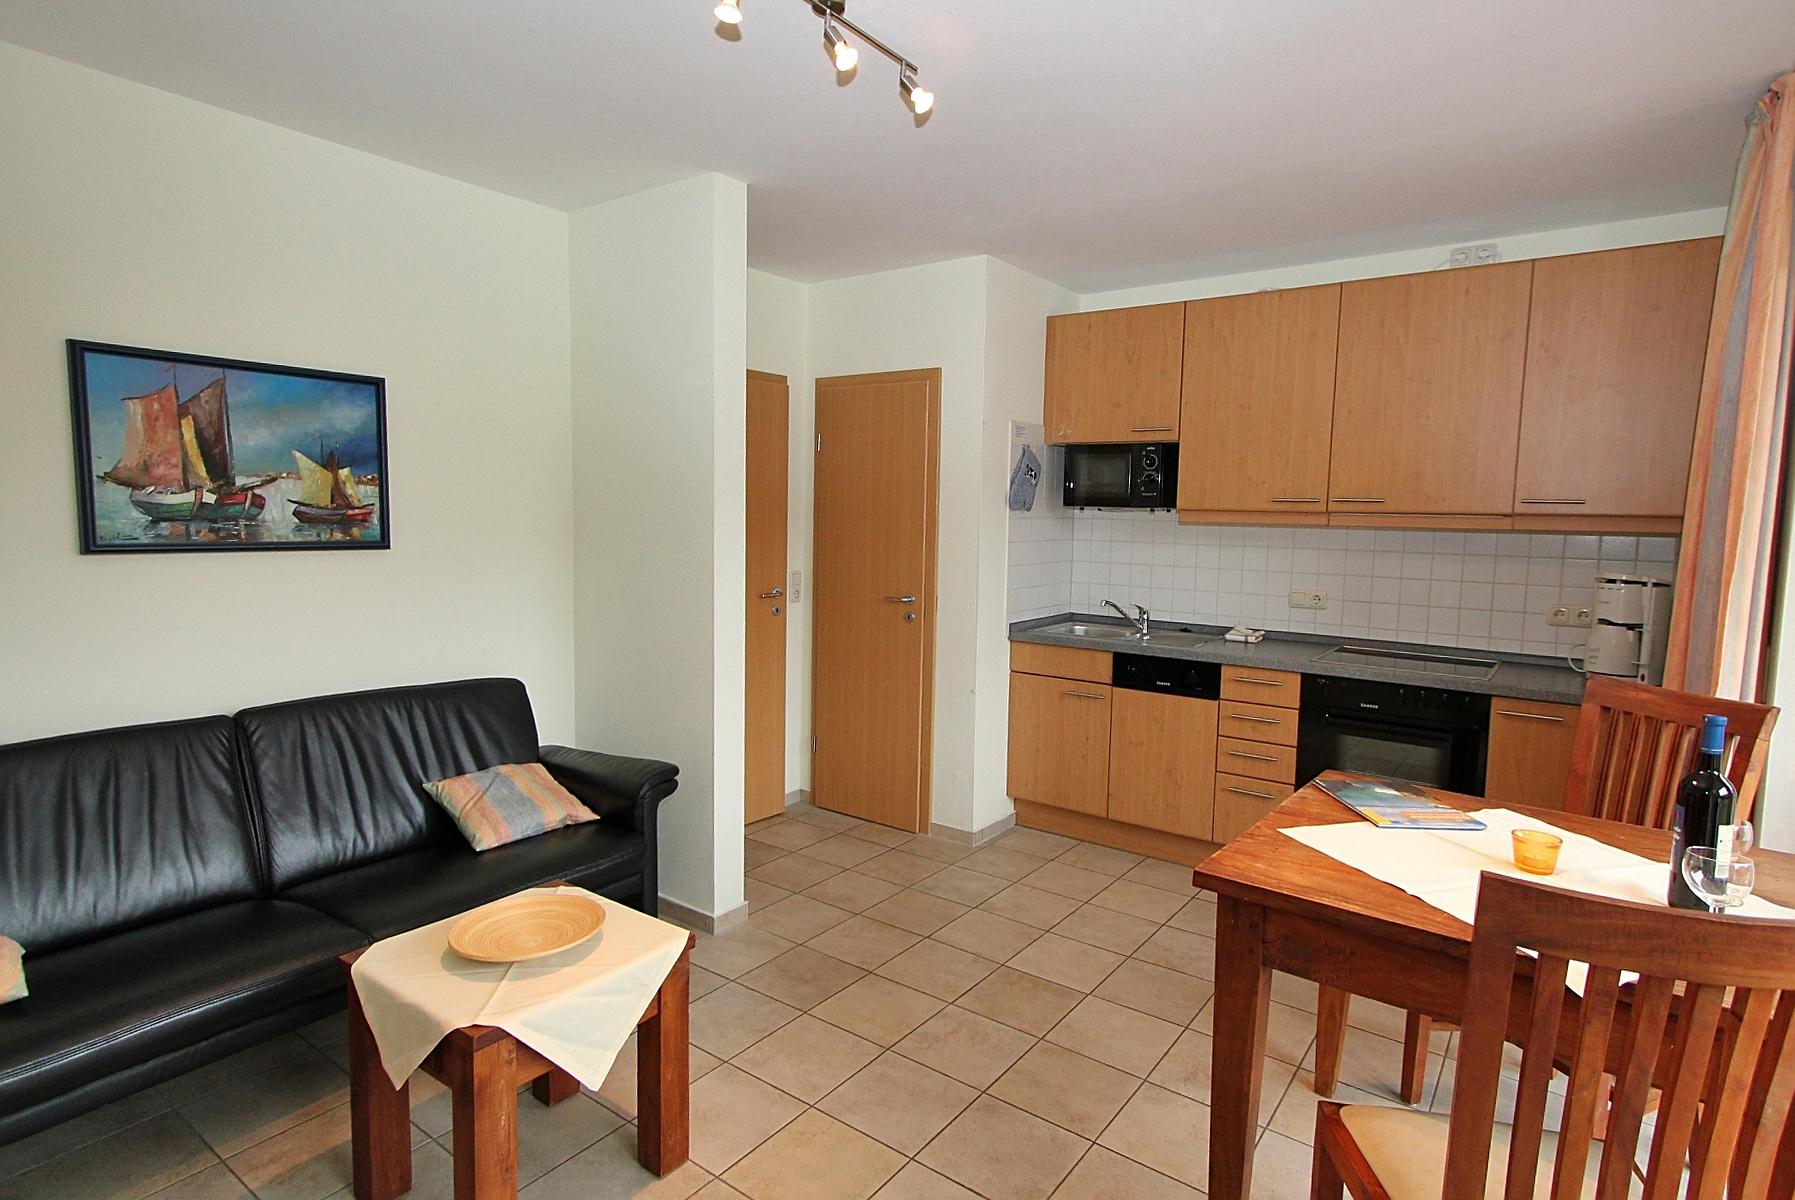 02 wohnraum mit küche